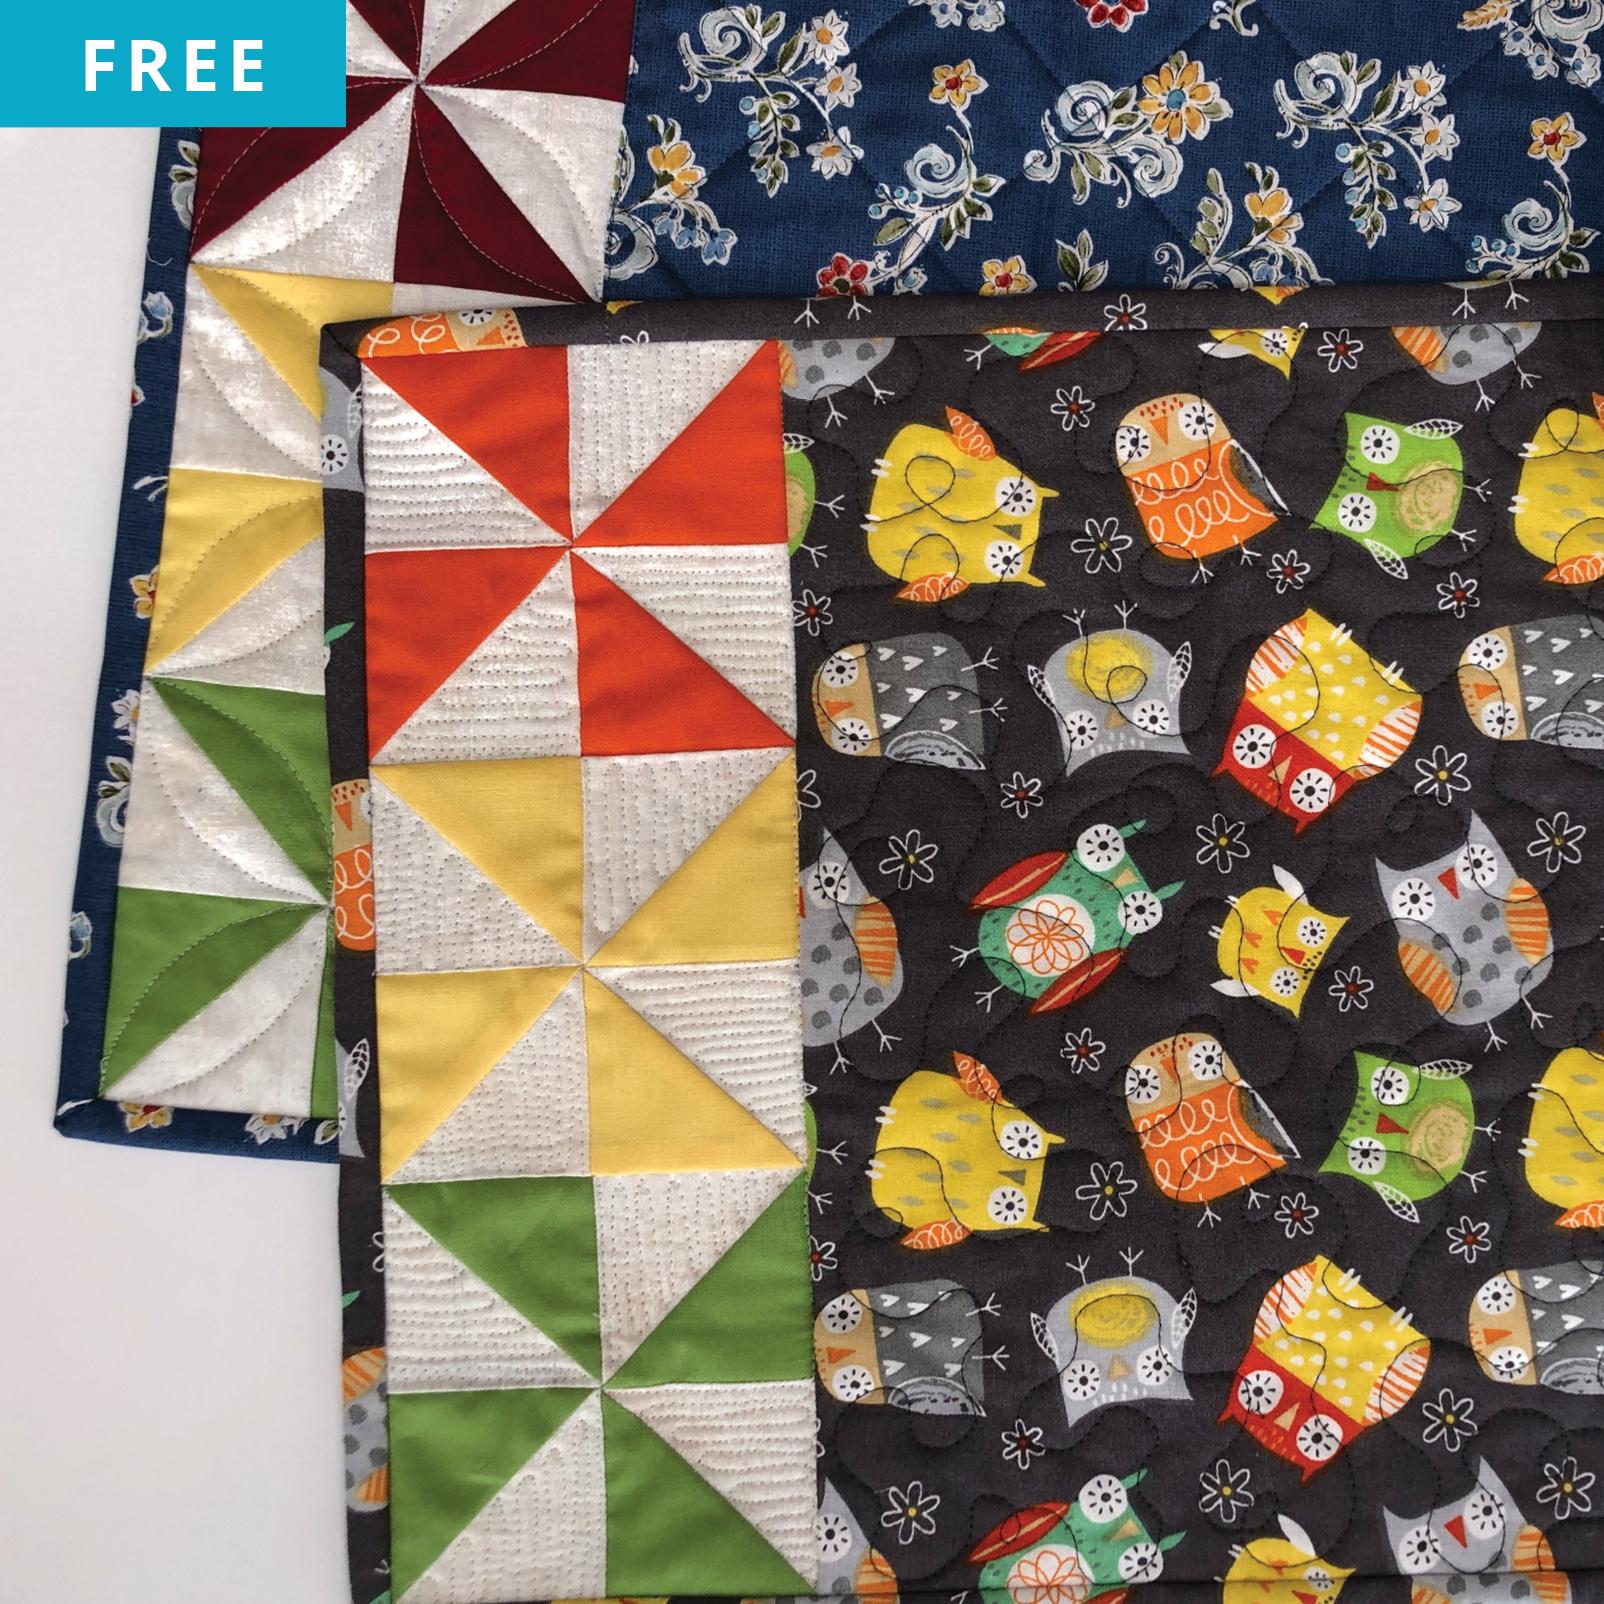 Free Quilt Pattern - Playful Pinwheel Placemats